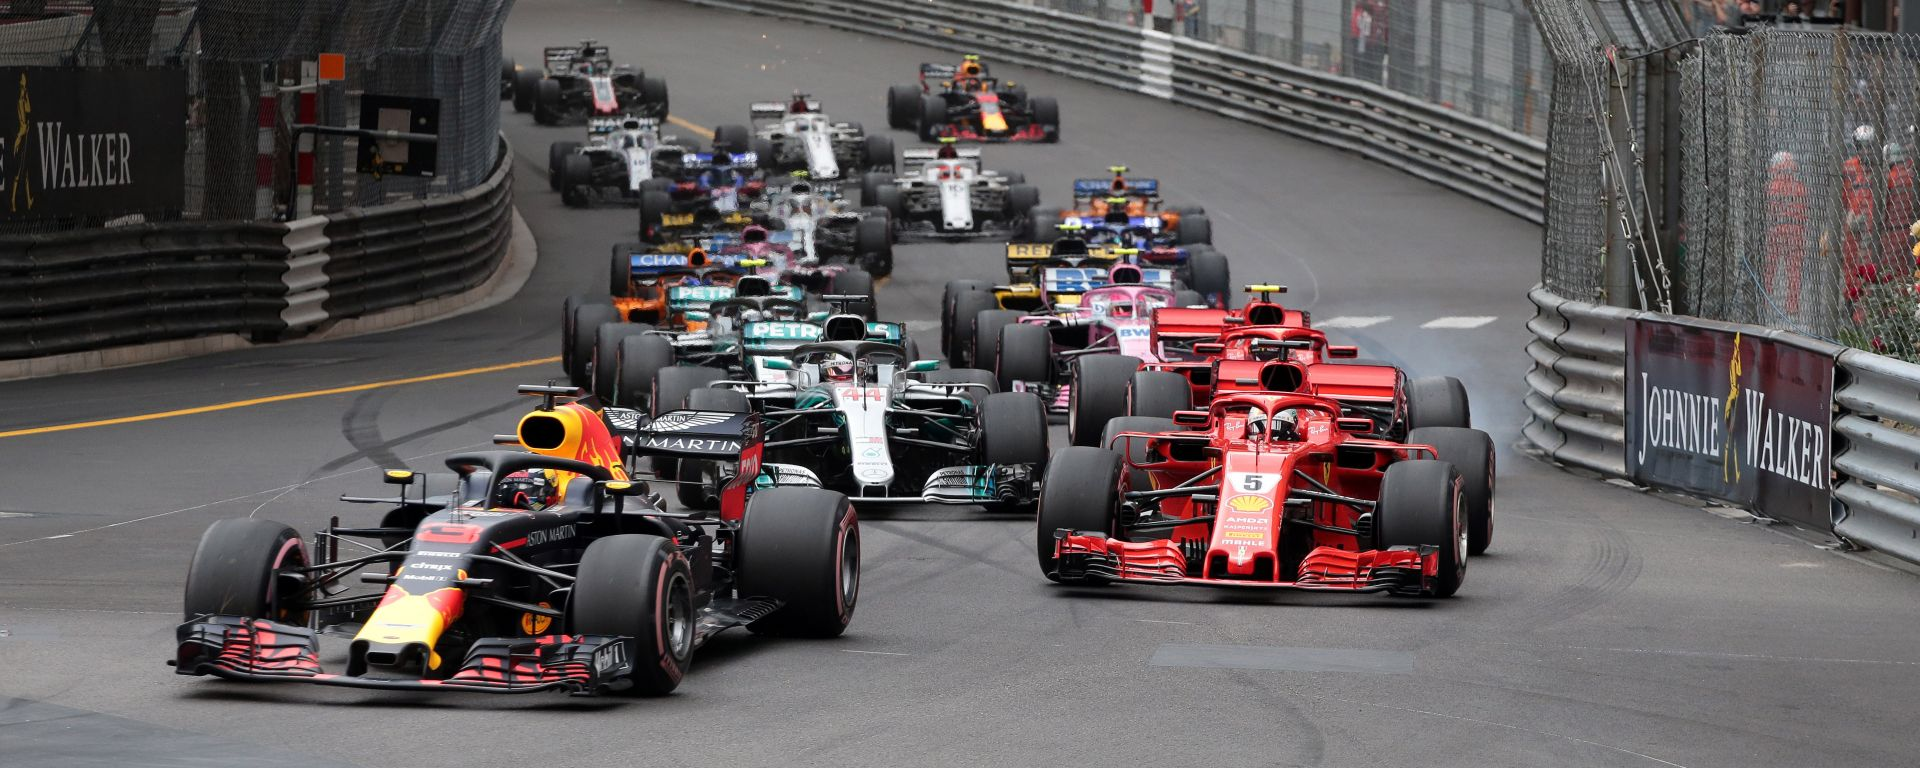 Pirelli, i piloti scelgono per Monaco una valanga di gomme Soft